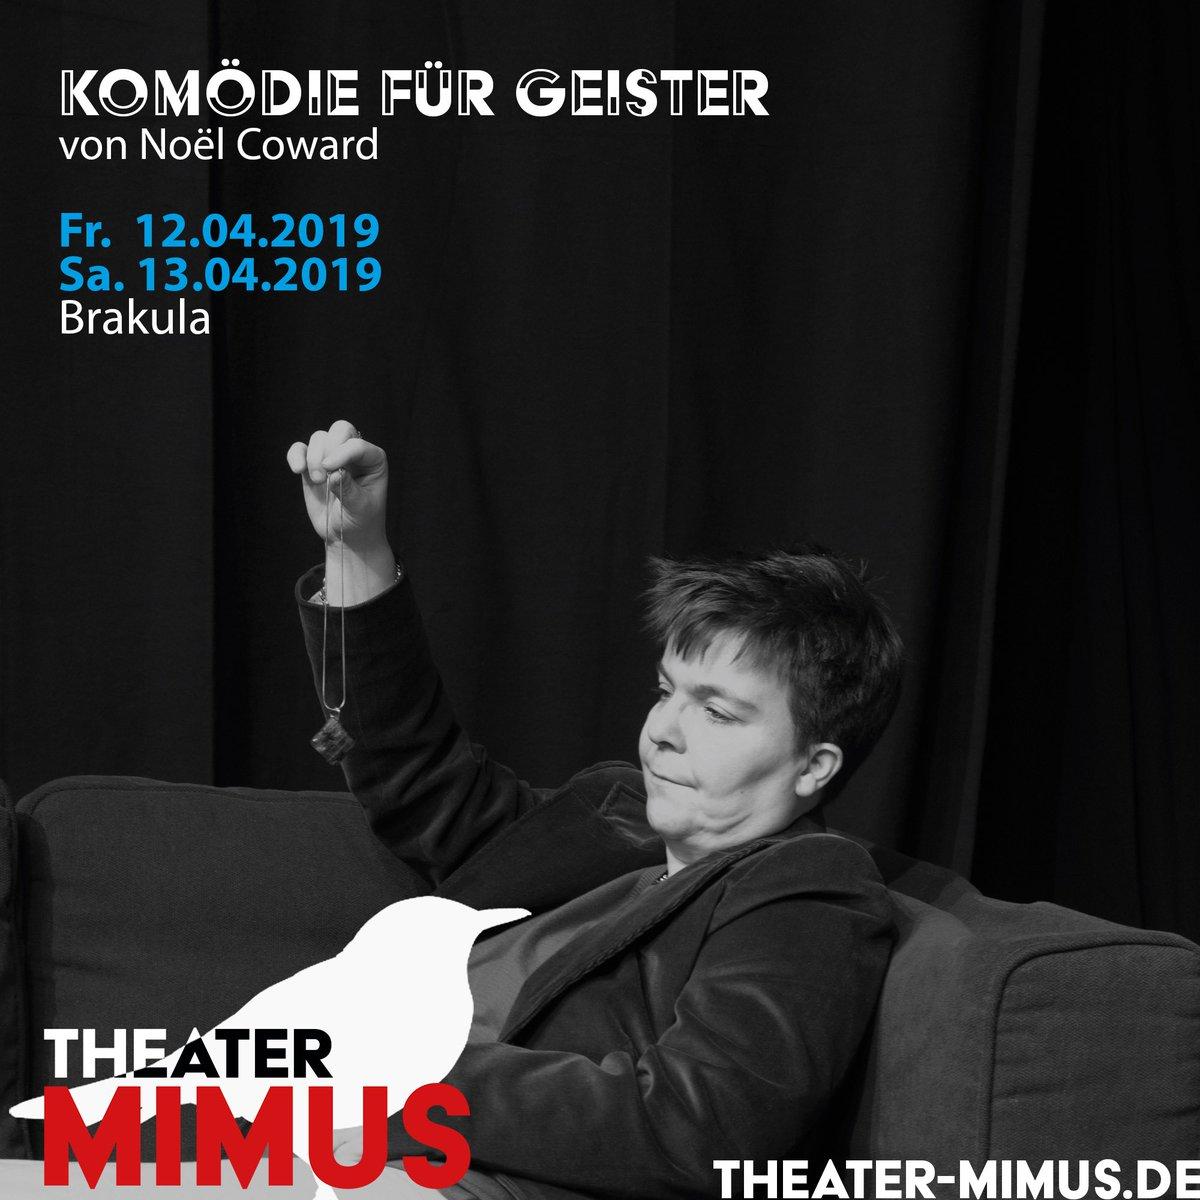 Unsere Madam Arcati pendelt sich schon mal für unsere Auftritte am Wochenende ein. Freitag und Samstag sind wir im @Brakula zu Gast. Karten und Infos bekommt ihr über unsere Internetseite. | #theatermimus #theater #hamburg #noelcoward #komödiefürgeister #komödie  #bramfeldpic.twitter.com/rPsNhjvTLT